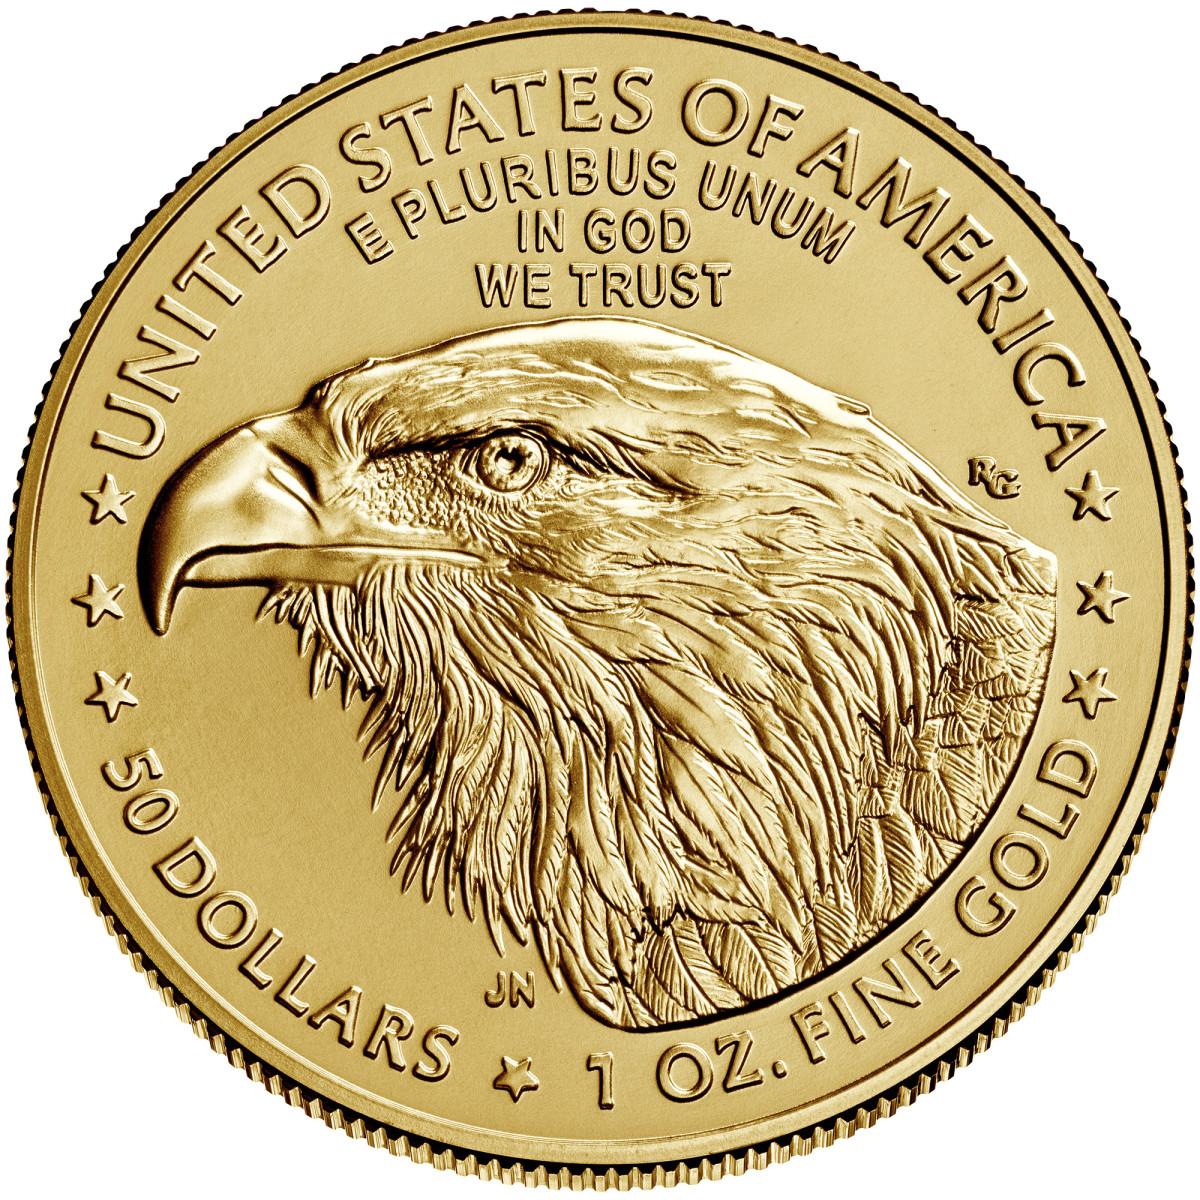 Image courtesy United States Mint.